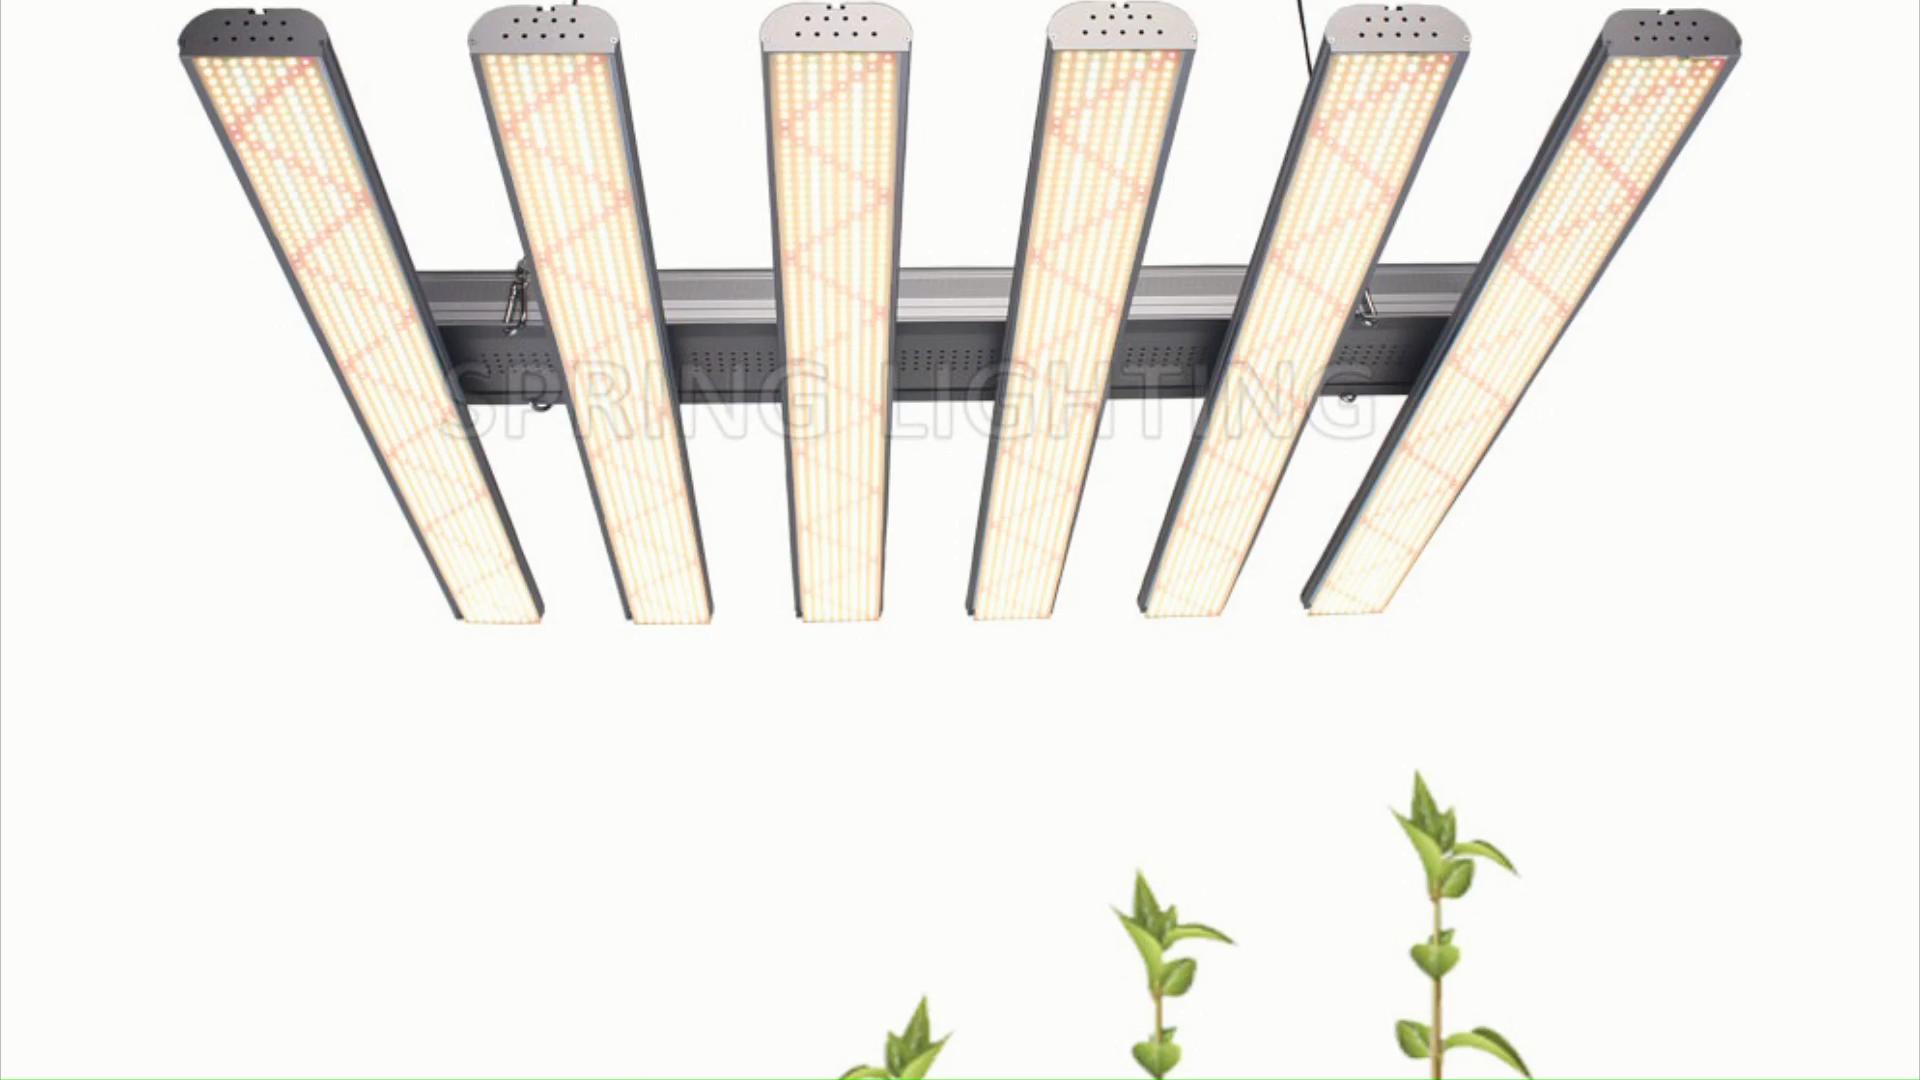 CE Rohs LED Grow Light Bars 480 Вт 600 Вт 720 Вт с регулируемой яркостью парниковый светильник для выращивания растений